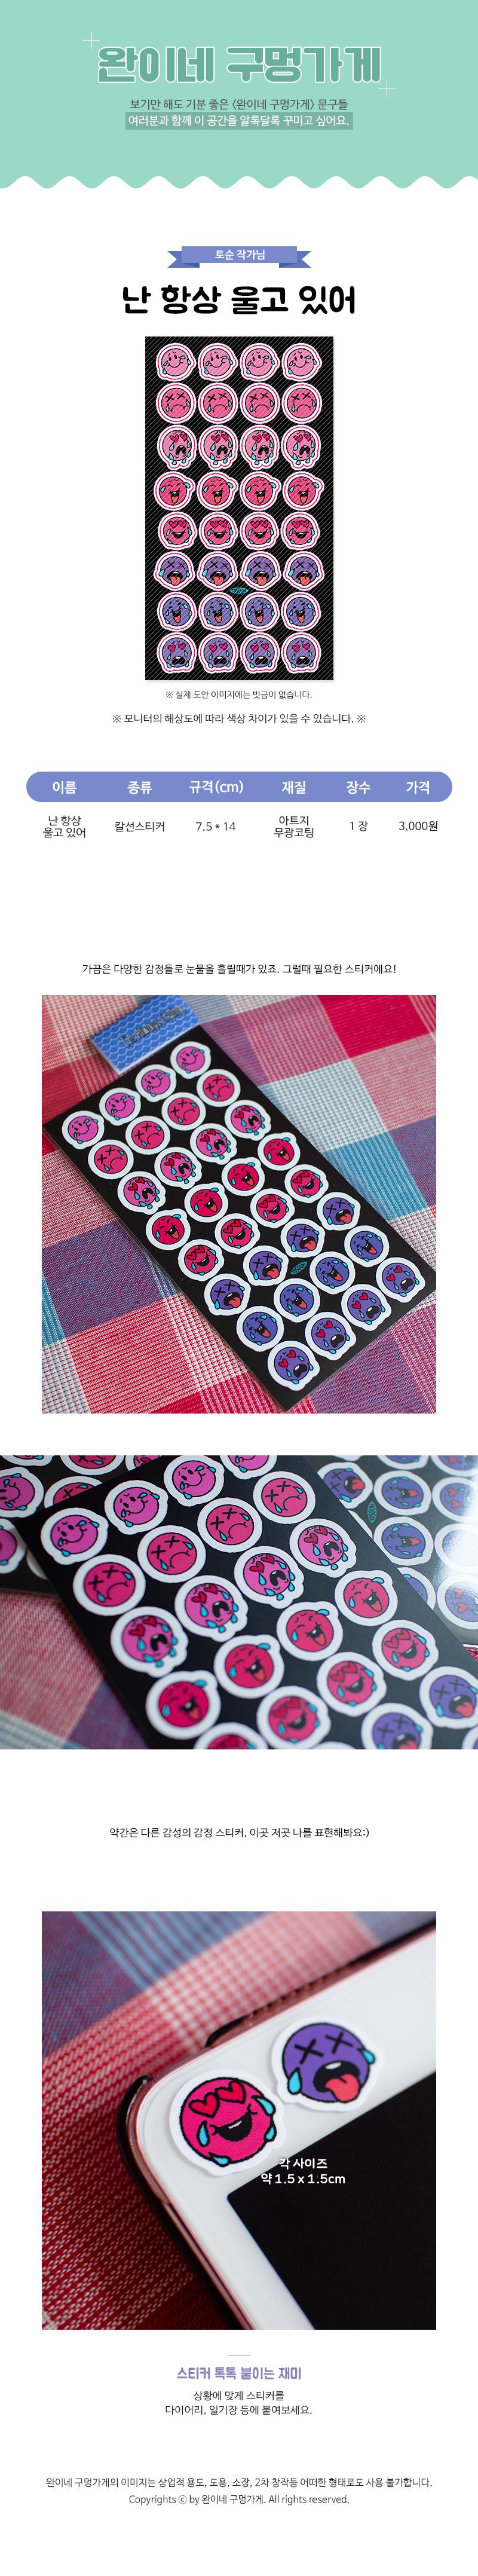 sticker734